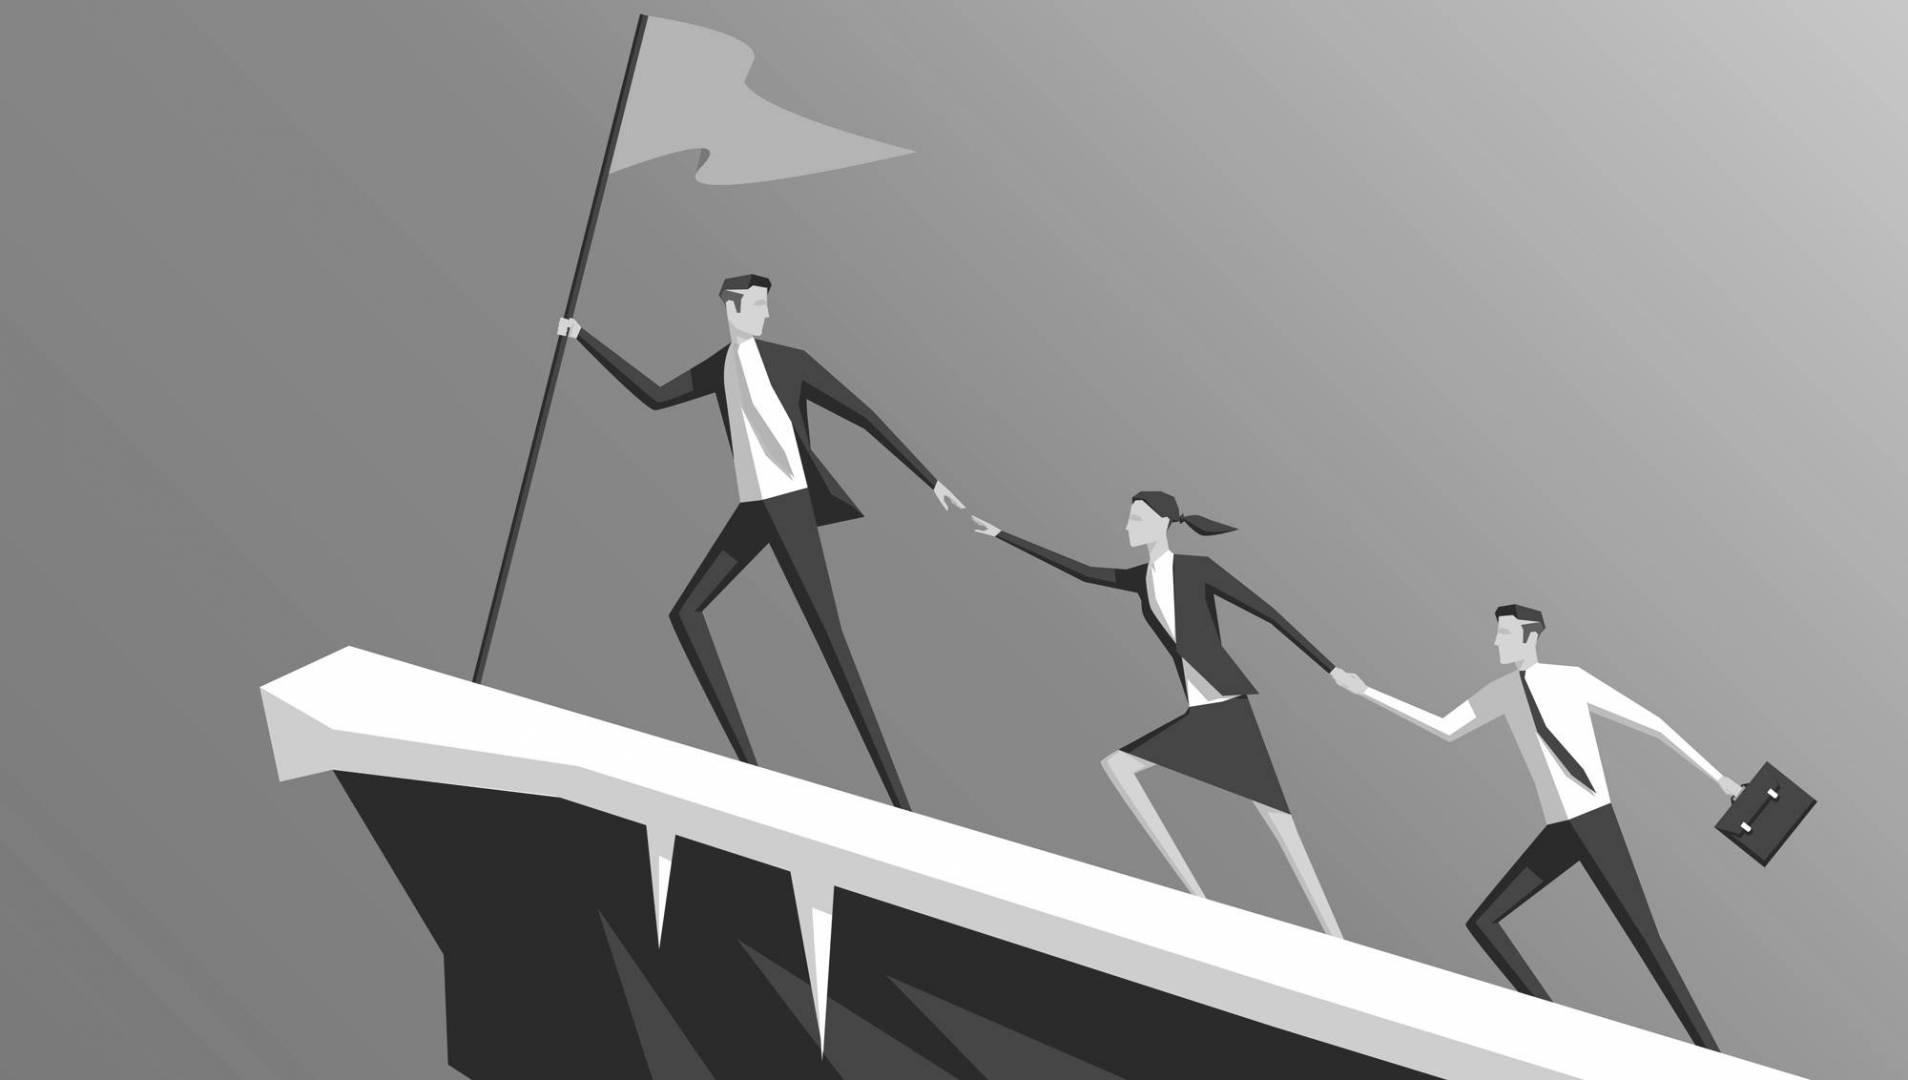 كيف أصبح شخص بتعليم متواضع.. من أكبر الرؤساء التنفيذيين؟